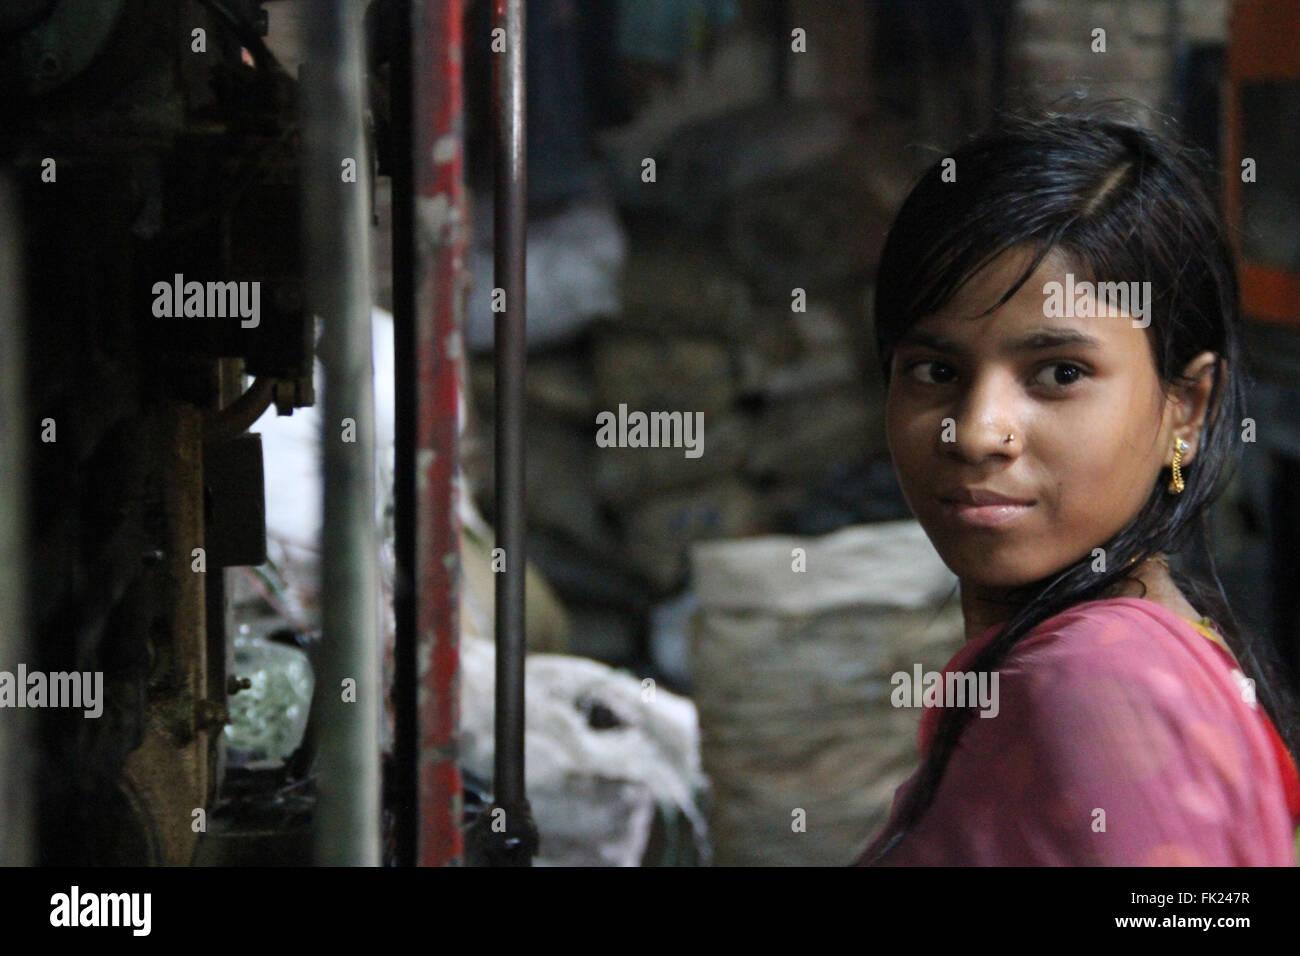 Dhaka, Bangladesh. 5 de marzo de 2016. Una niña de Bangladesh está trabajando en una fábrica de plástico re-ciclo en Lalbag en Dhaka, Bangladesh el 5 de marzo, 2016. Miles de mujeres que trabajaban muchas fábricas en condición de riesgo en la capital de Bangladesh y llevando vida incierta. Crédito: Rehman Asad/Alamy Live News Foto de stock